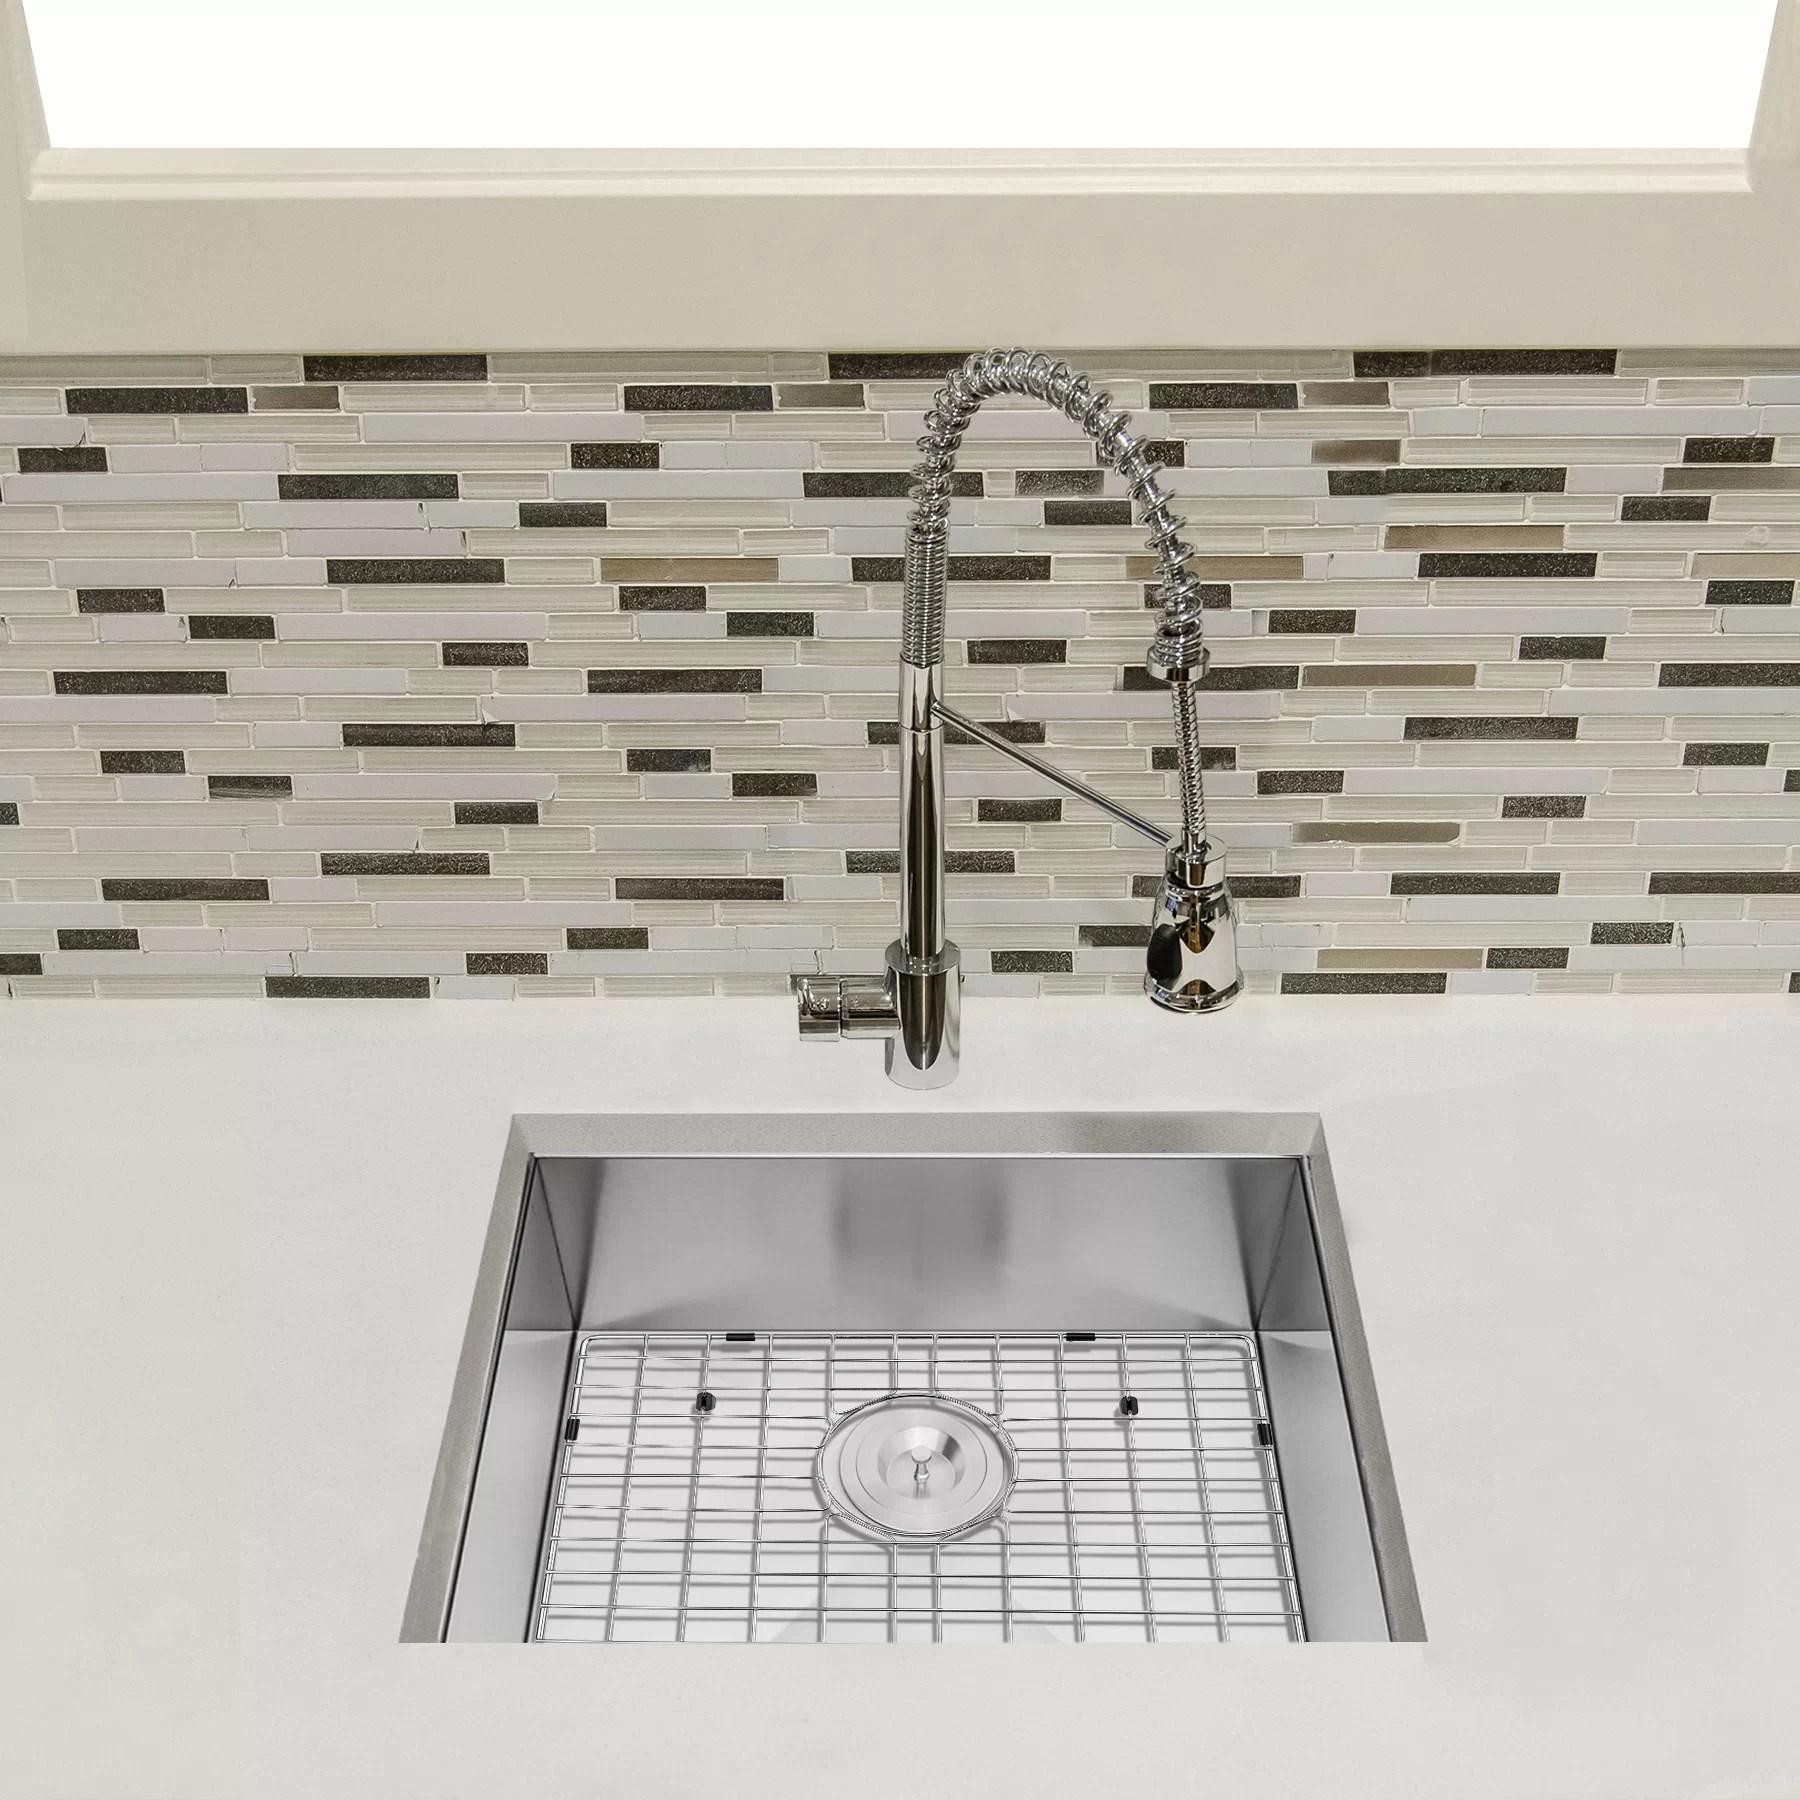 25 lx 22 w undermount kitchen sink with basket strainer